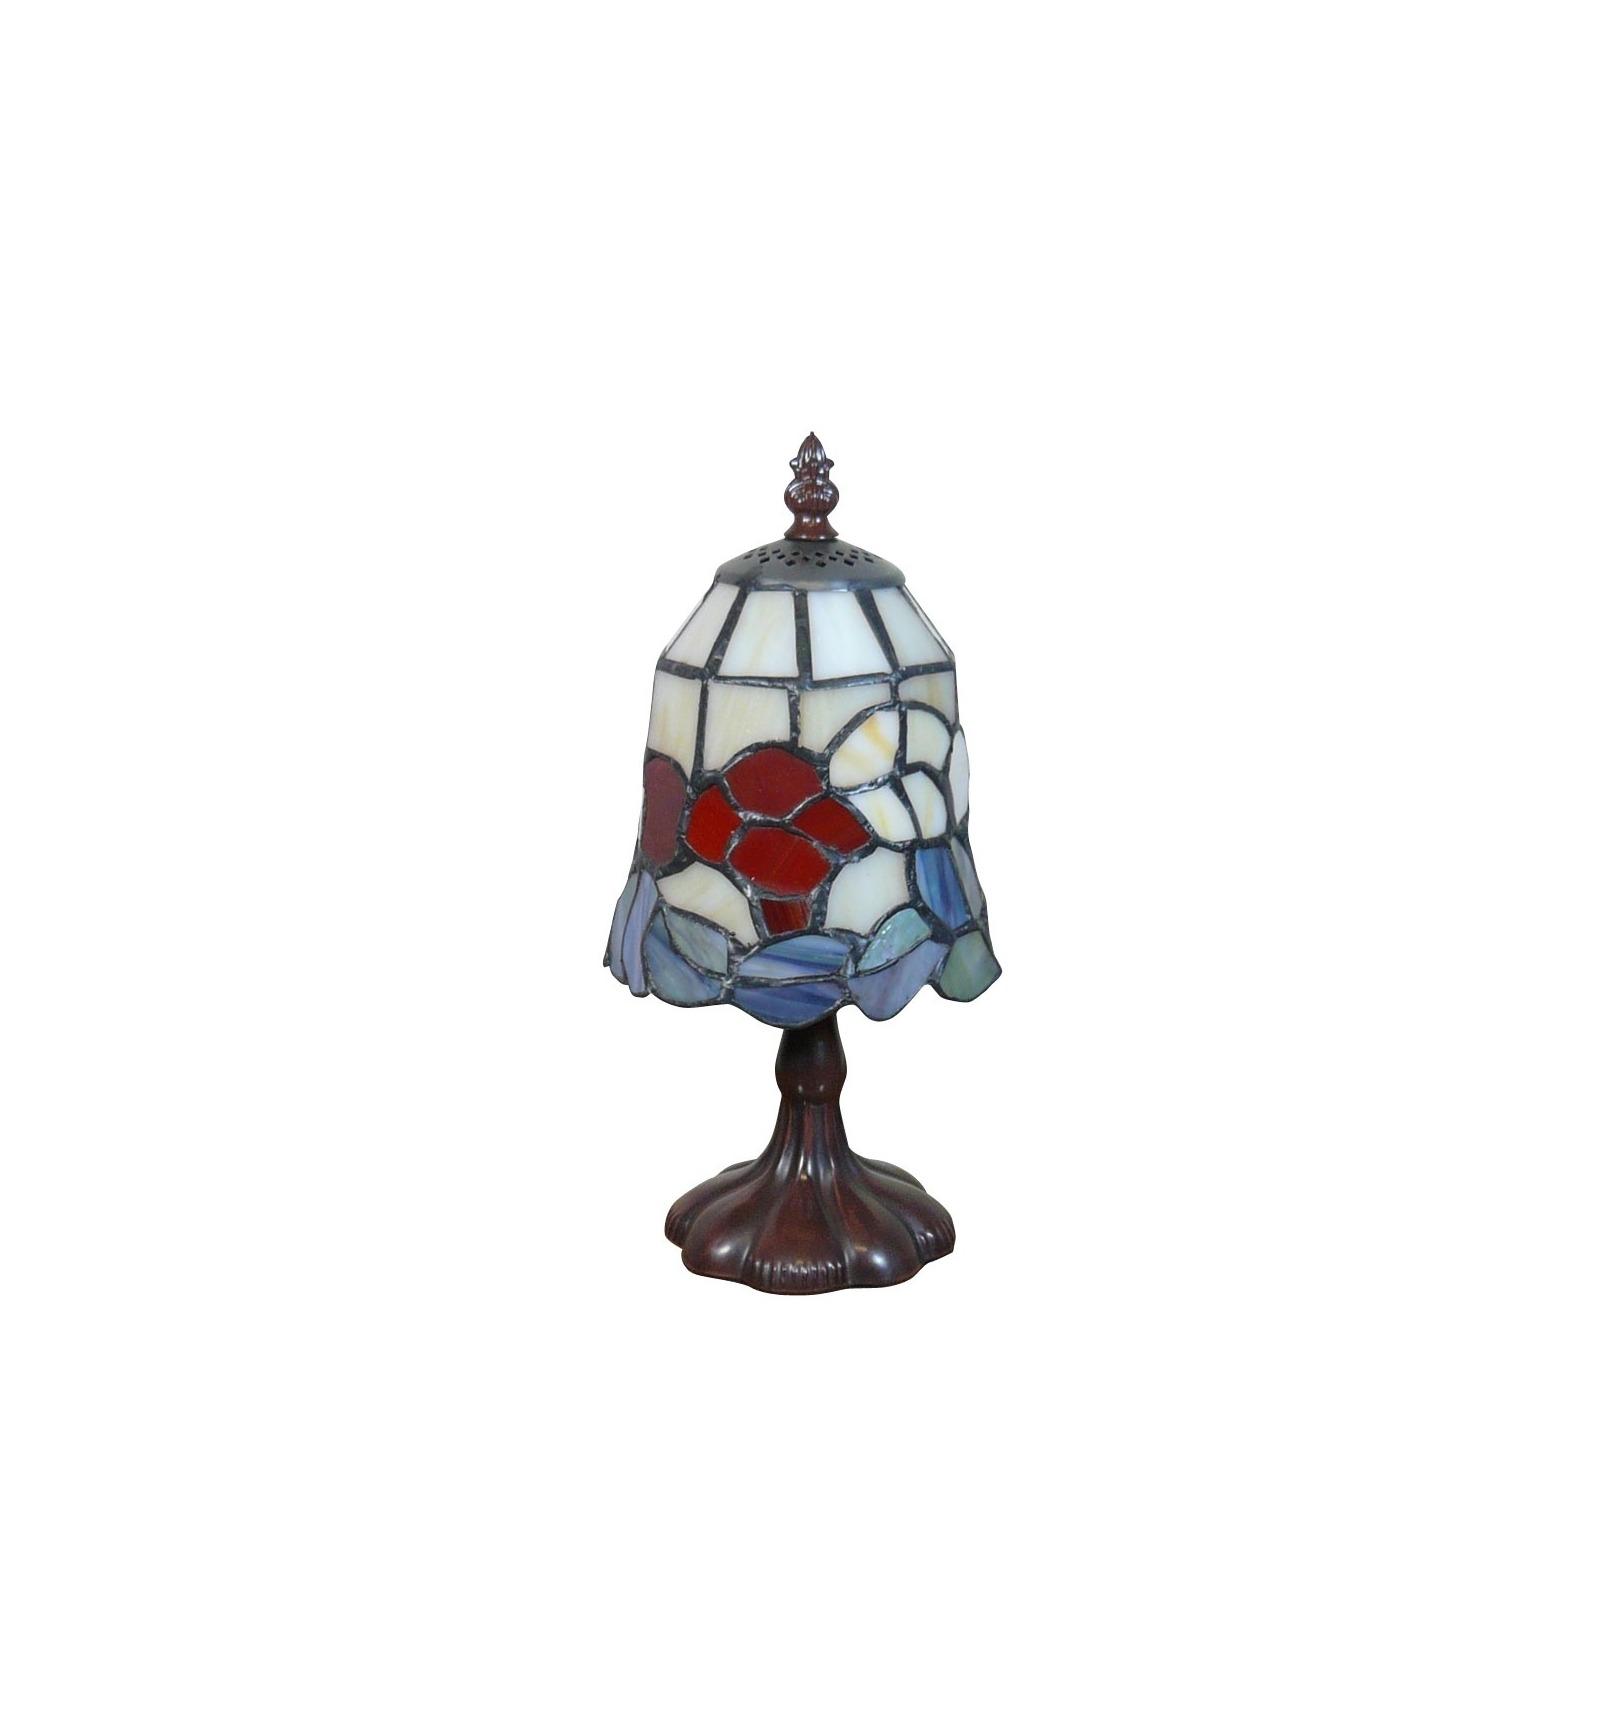 Lampe de style tiffany pas cher lustres - Lampe jielde pas cher ...